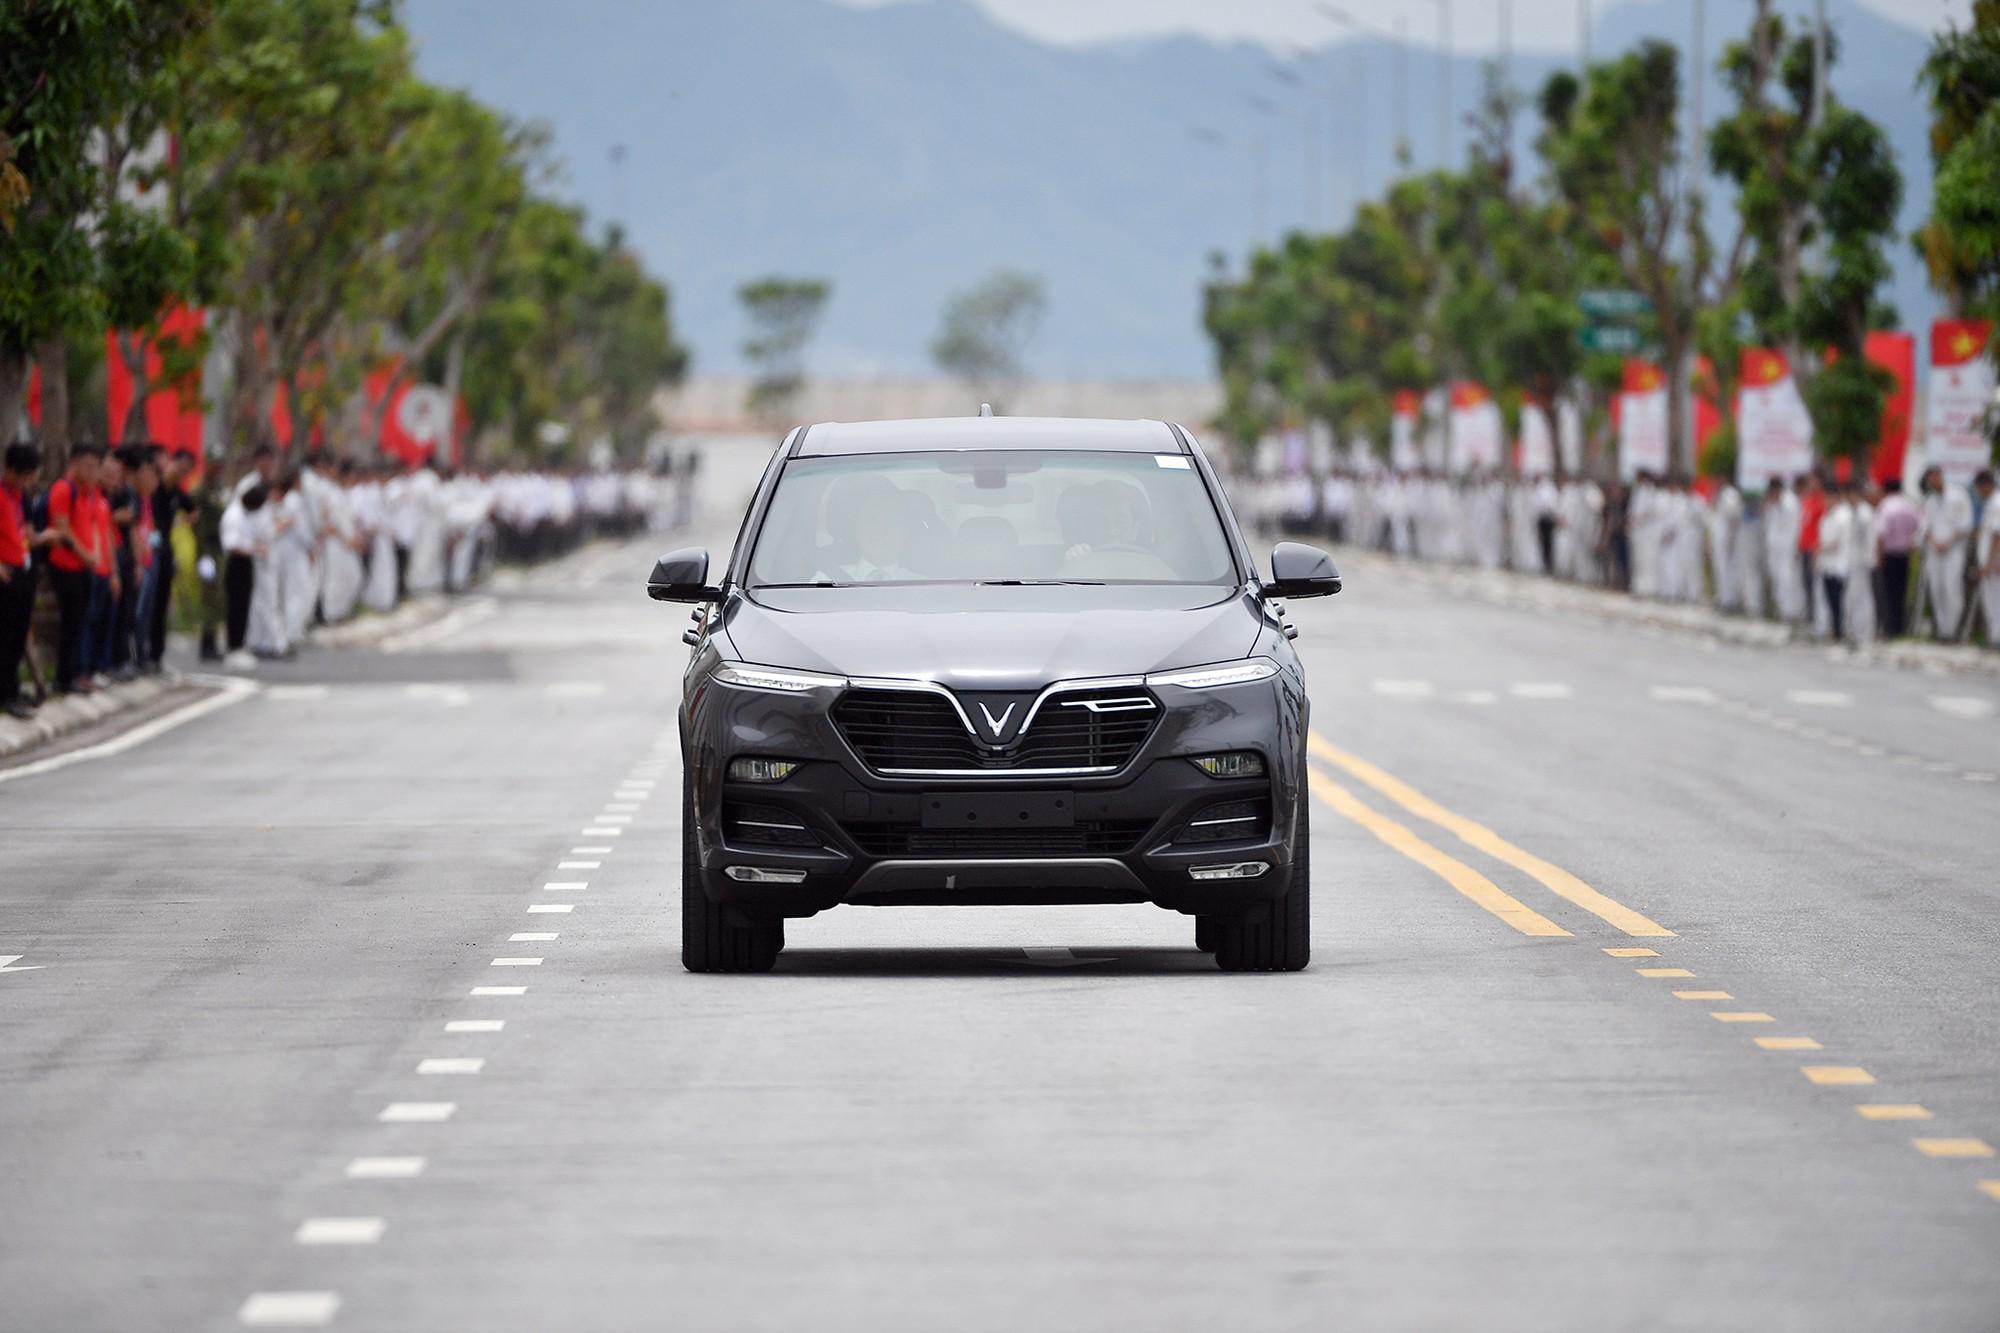 Clip kỳ tích 21 tháng của VinFast: Biến một vùng đầm lầy thành nhà máy sản xuất ô tô hàng đầu Đông Nam Á - Ảnh 7.